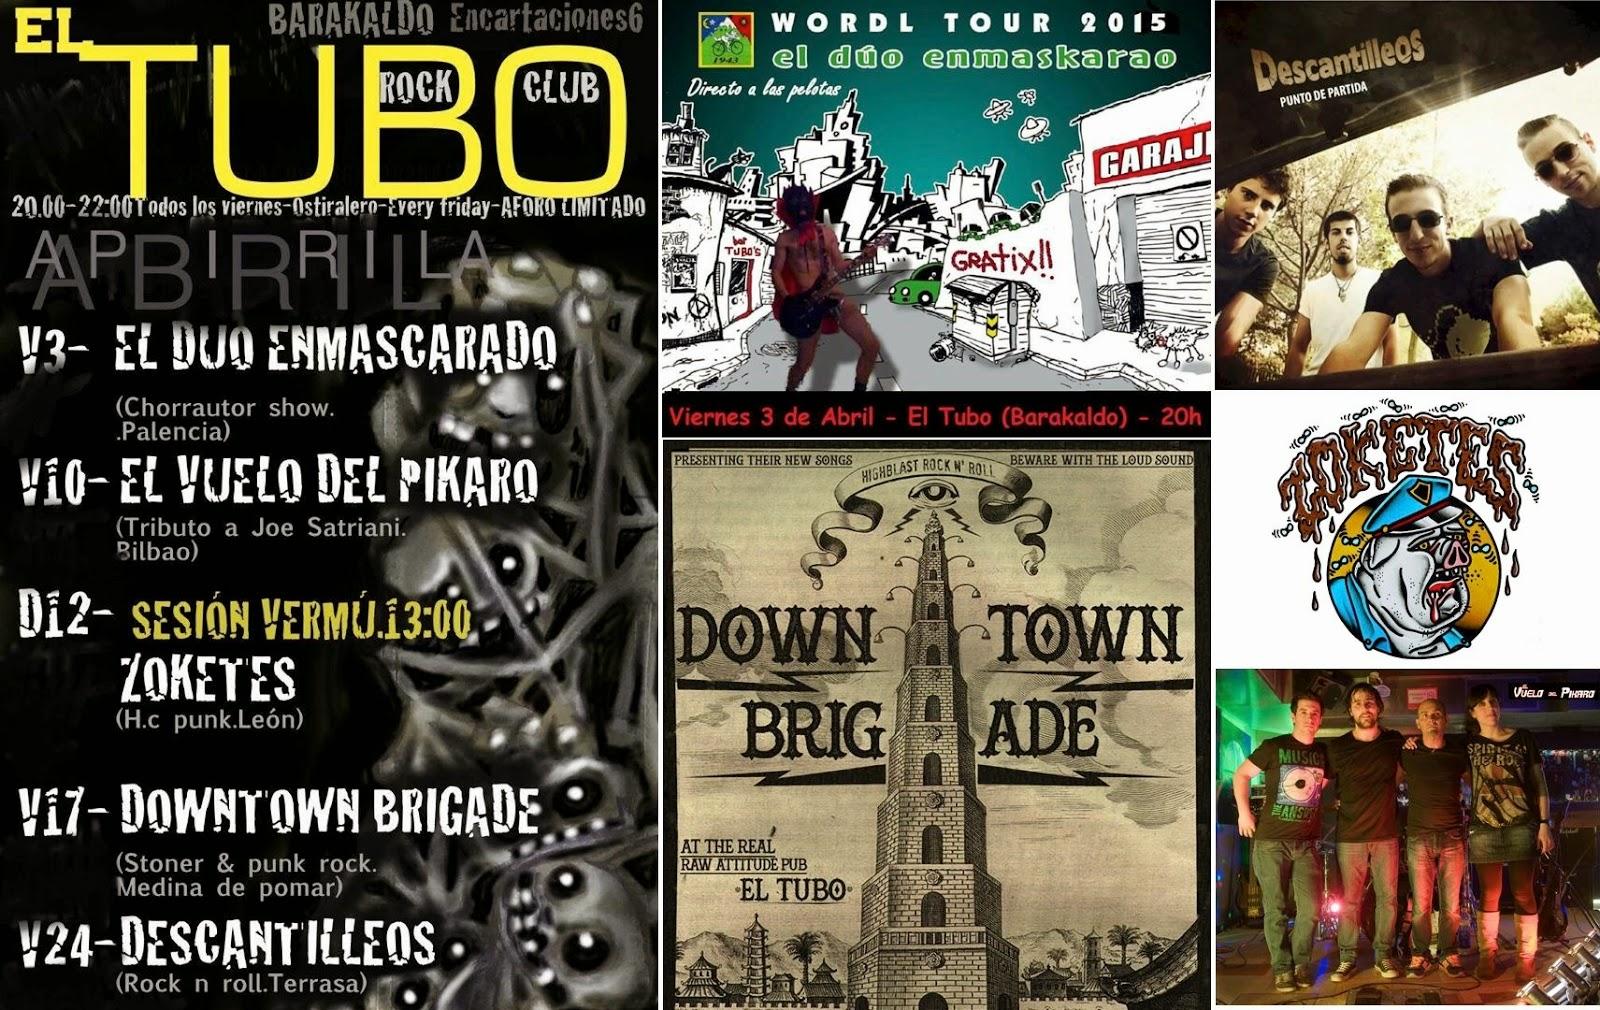 Conciertos en El Tubo